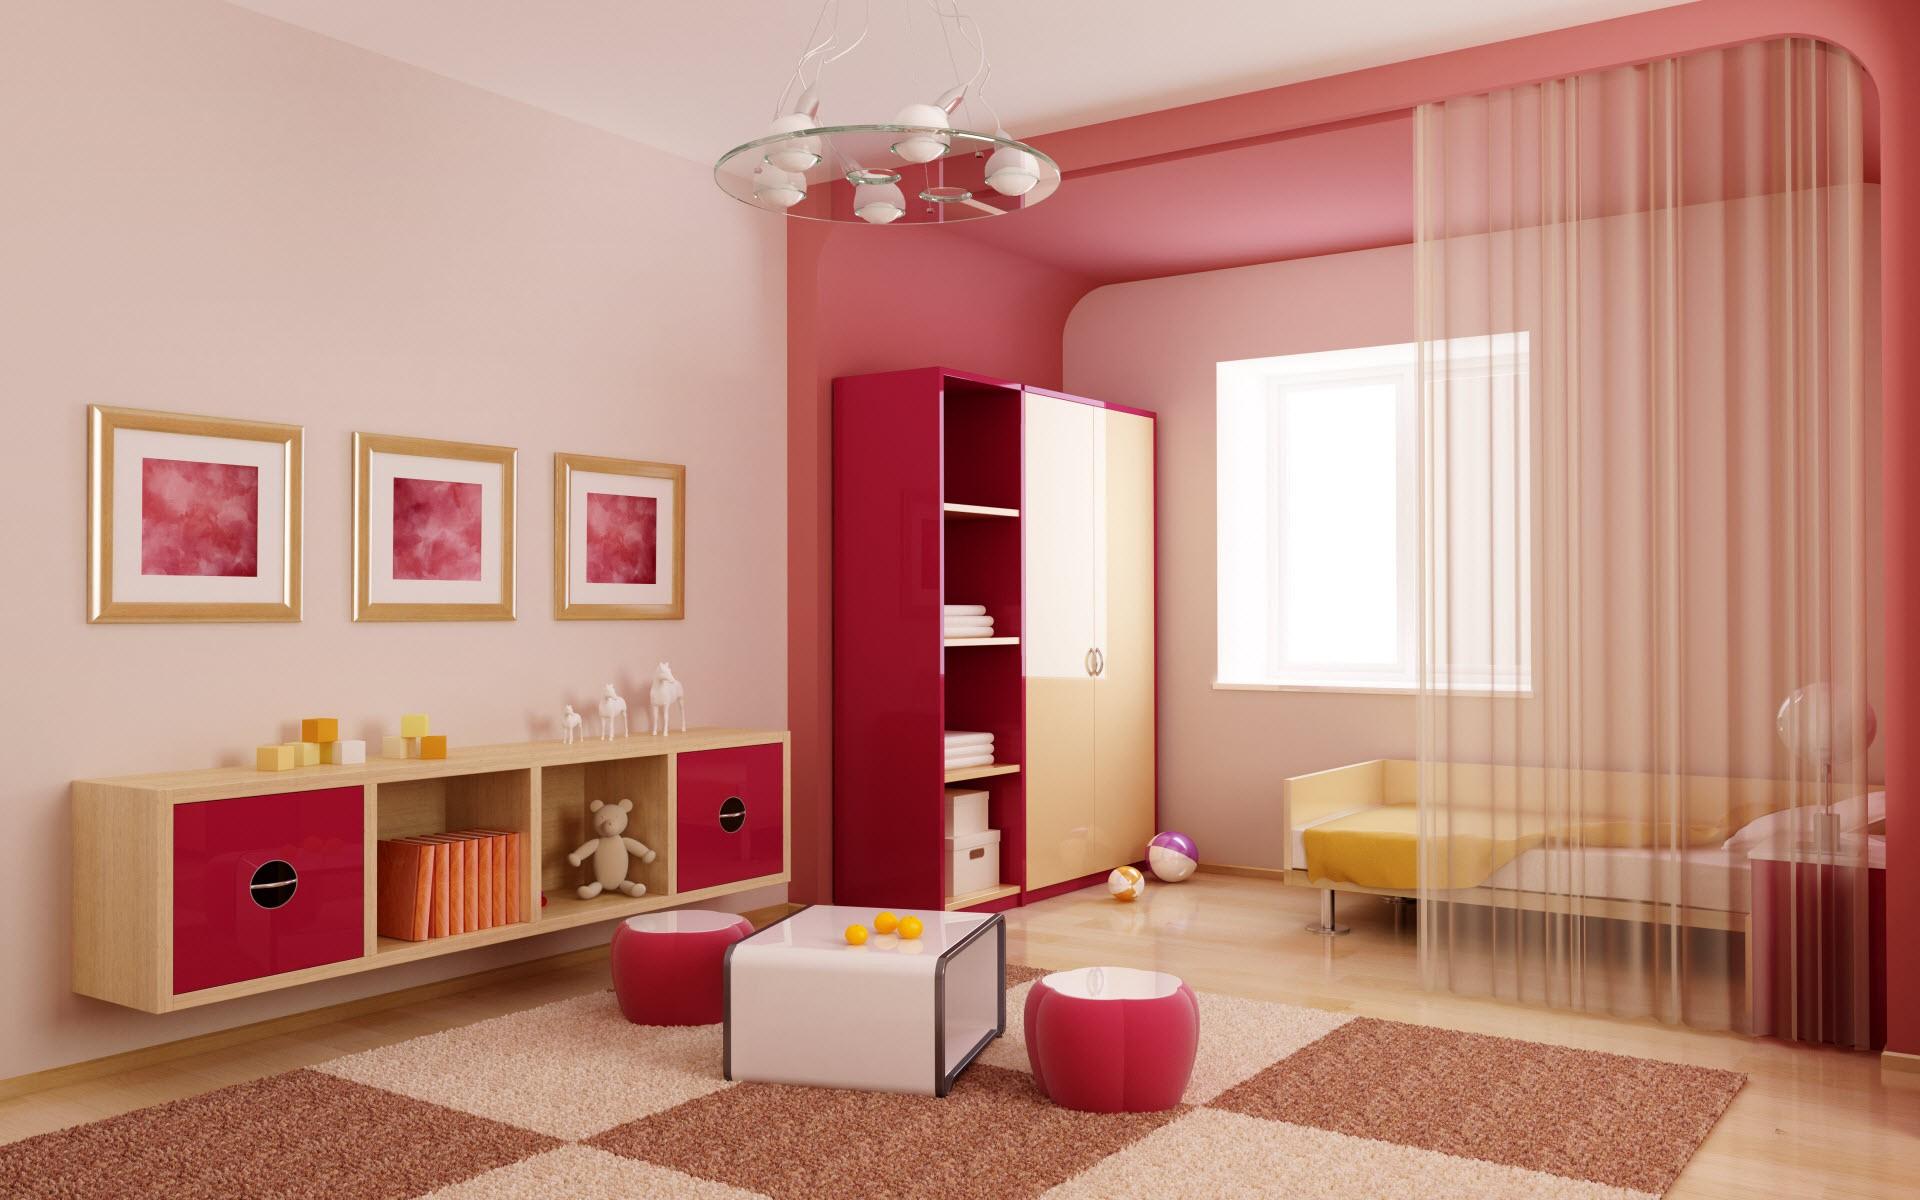 Habitación para niñas - 1920x1200